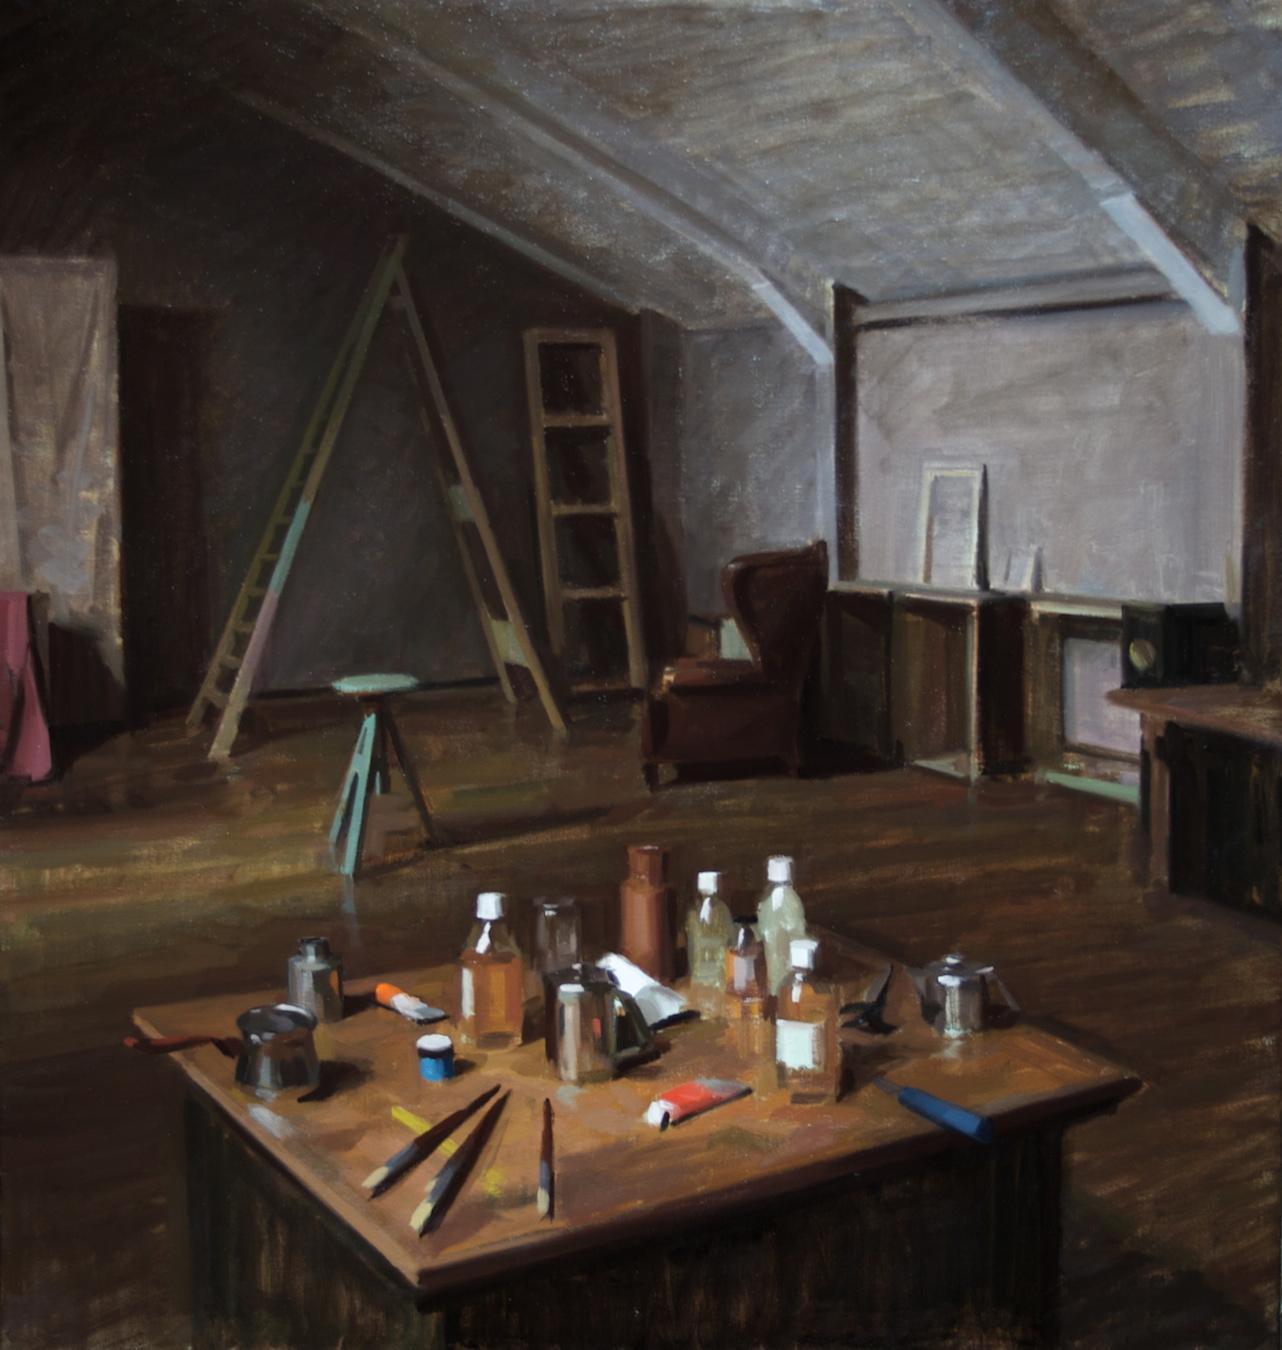 Studio , 2010 oil on canvas 95 x 90 cm